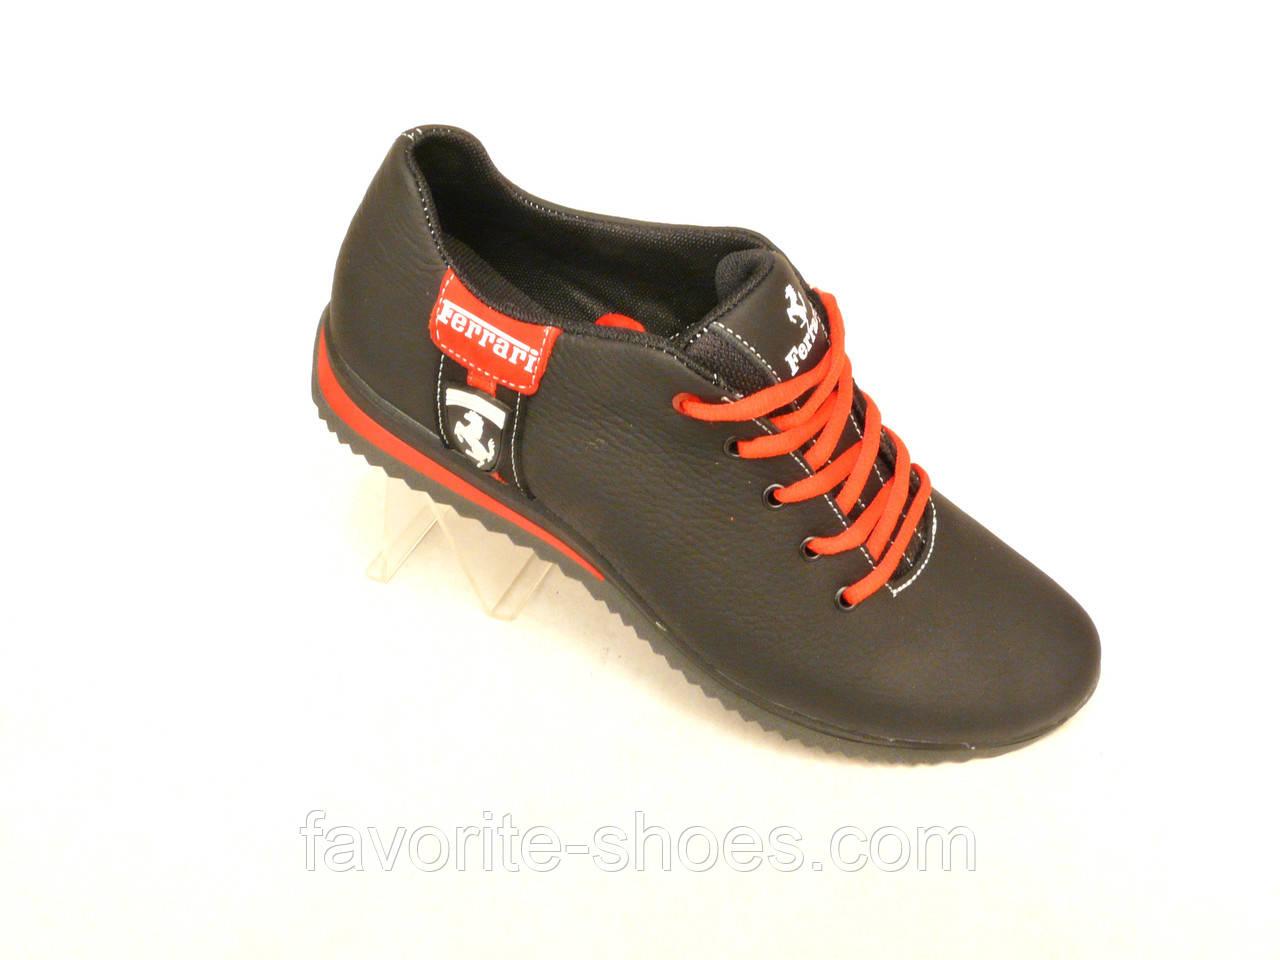 f4fadb2c3165 Кожаные мужские кроссовки Puma Ferrari кр - Интернет - магазин